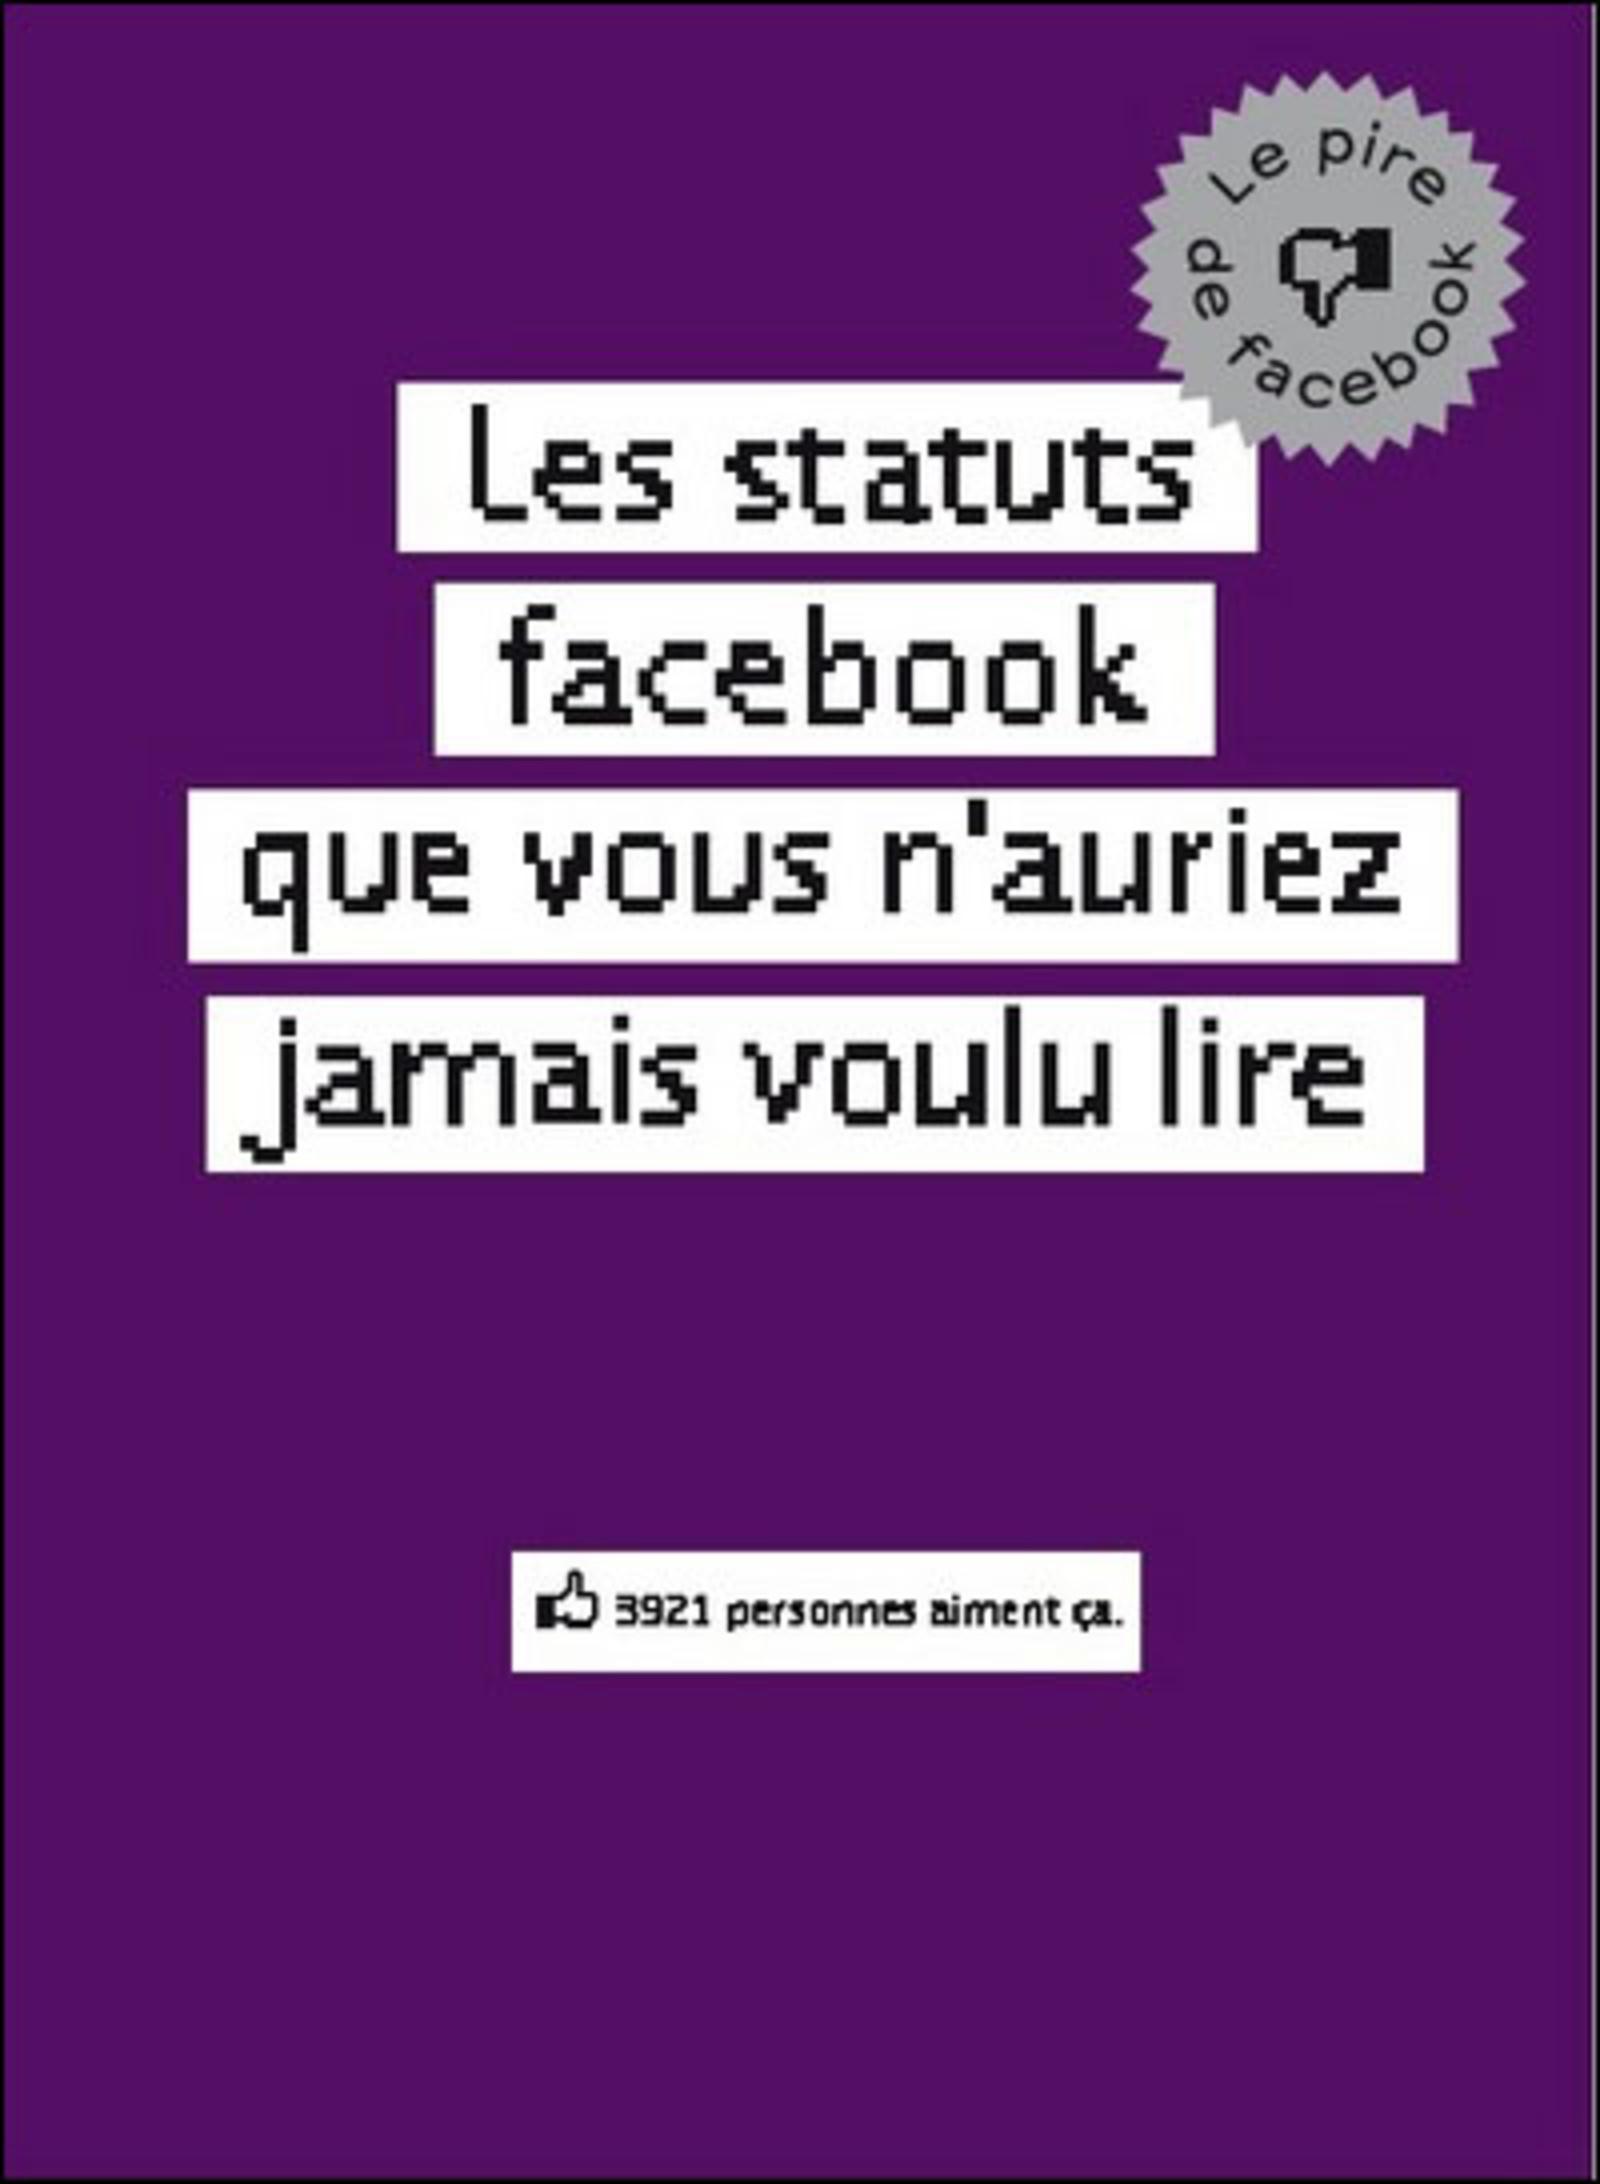 Les statuts facebook que vous n 39 auriez jamais voulu lire - Phrase a mettre sur une photo ...